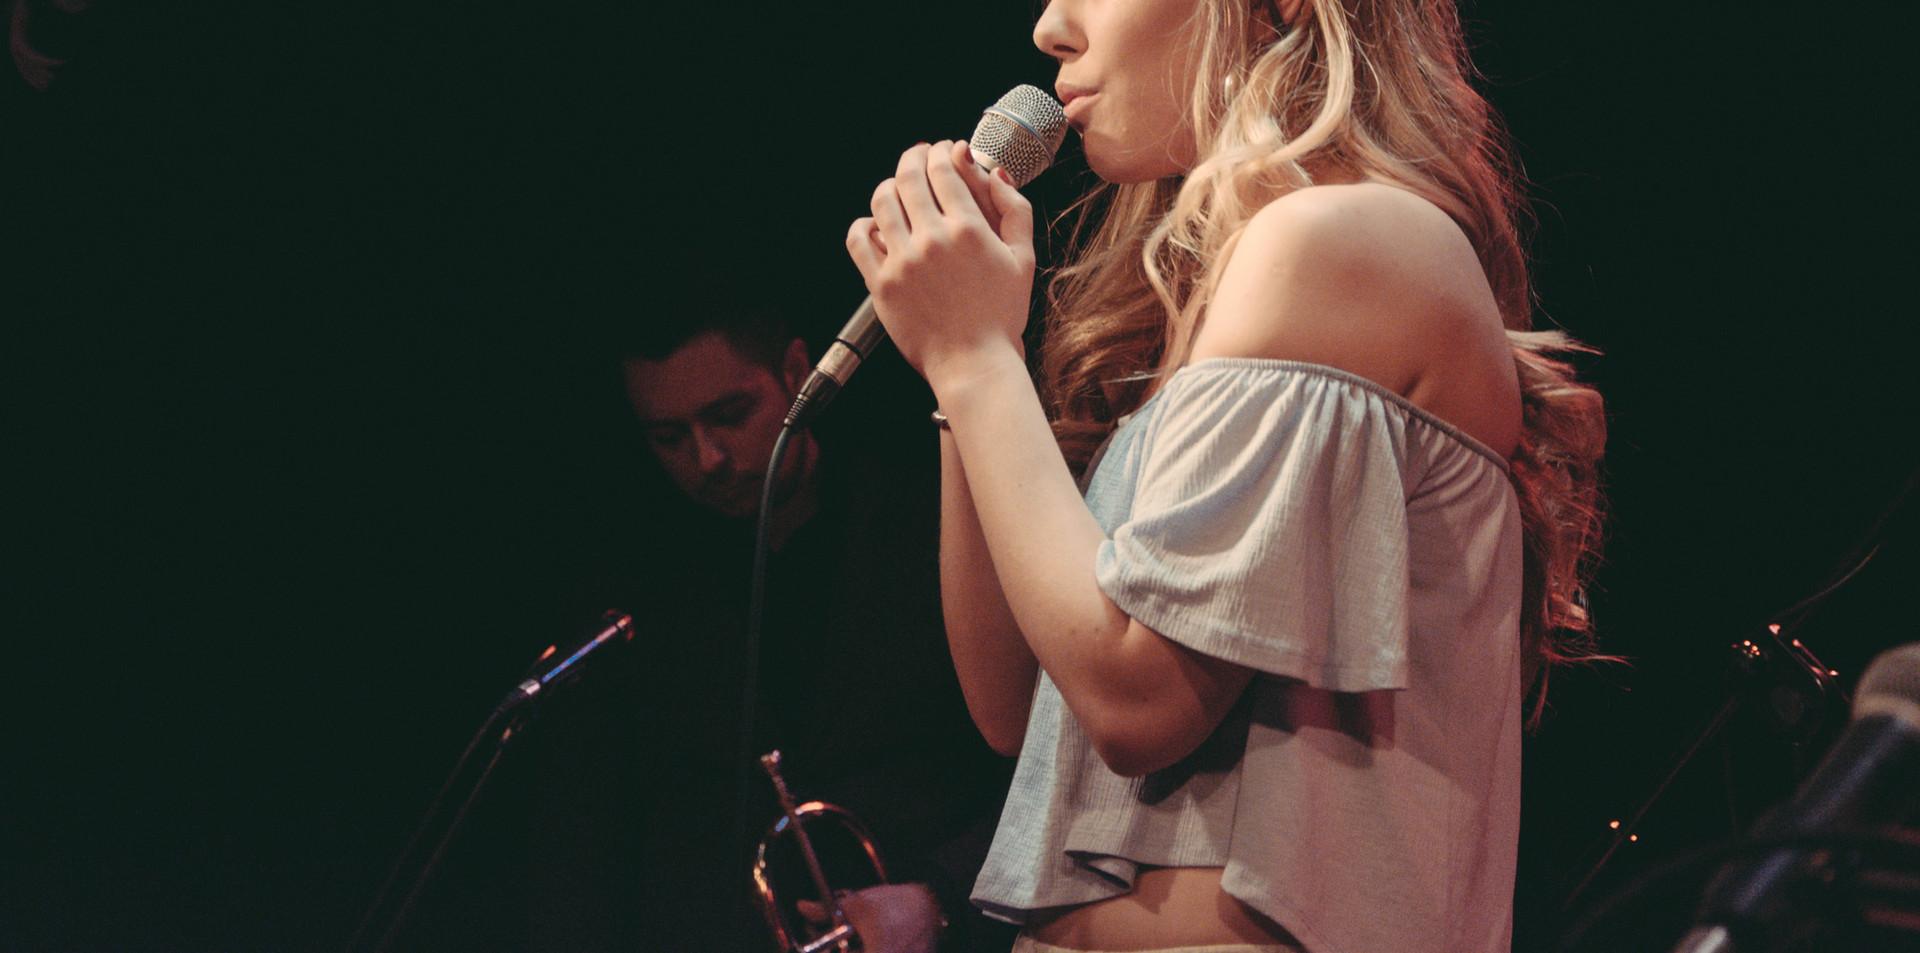 Koncert w klubie Harenda 31.01. zdjęcia: Iza Rzechuła